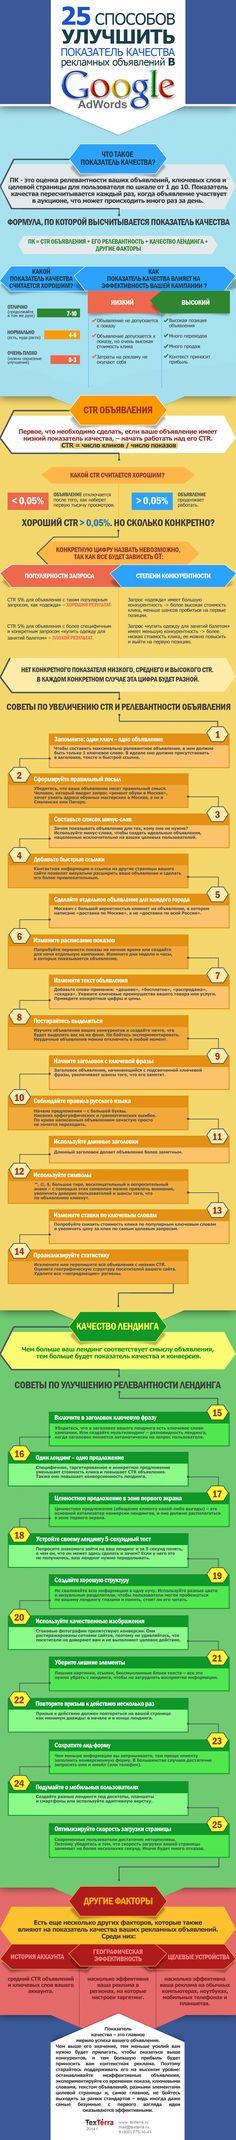 25 способов улучшить показатель качества рекламных объявлений в Google Adwords (инфографика)